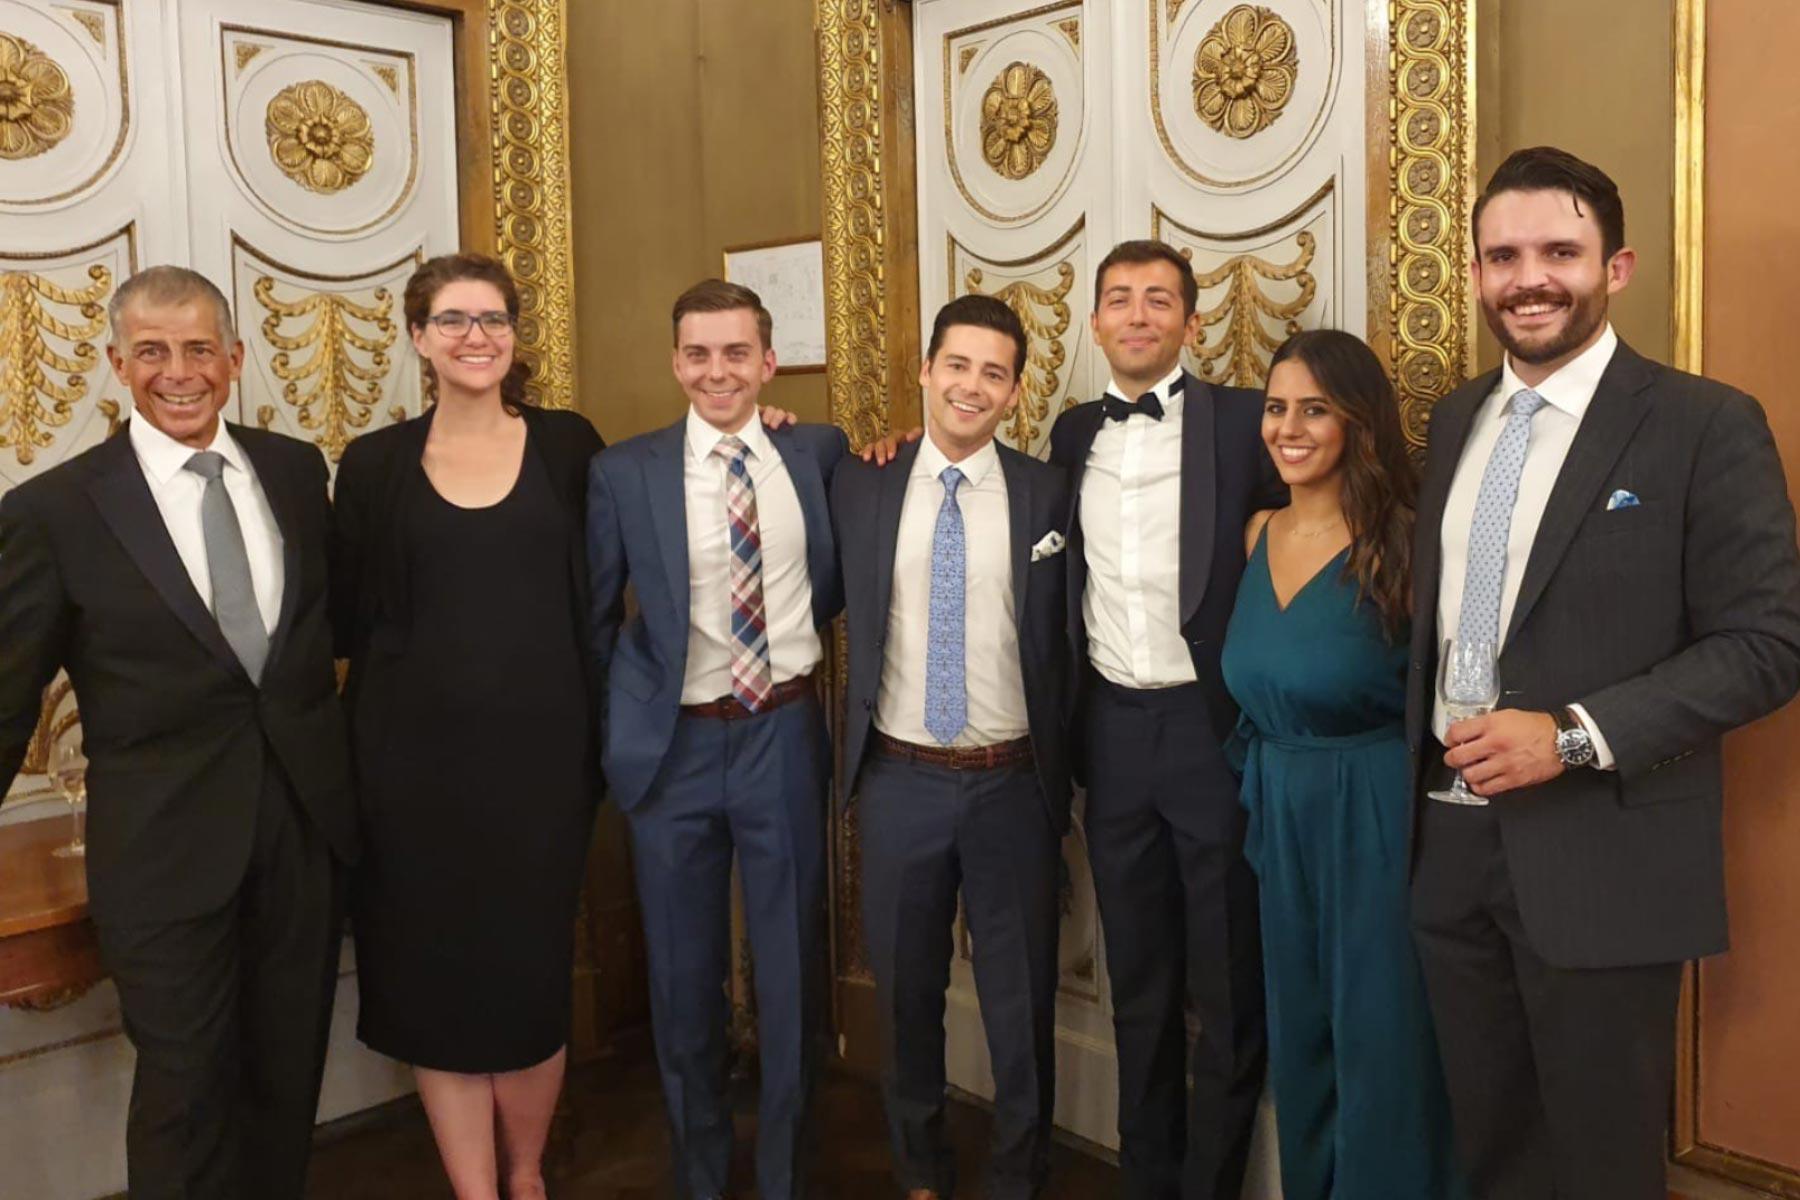 Deallus Leadership Team Event 2019